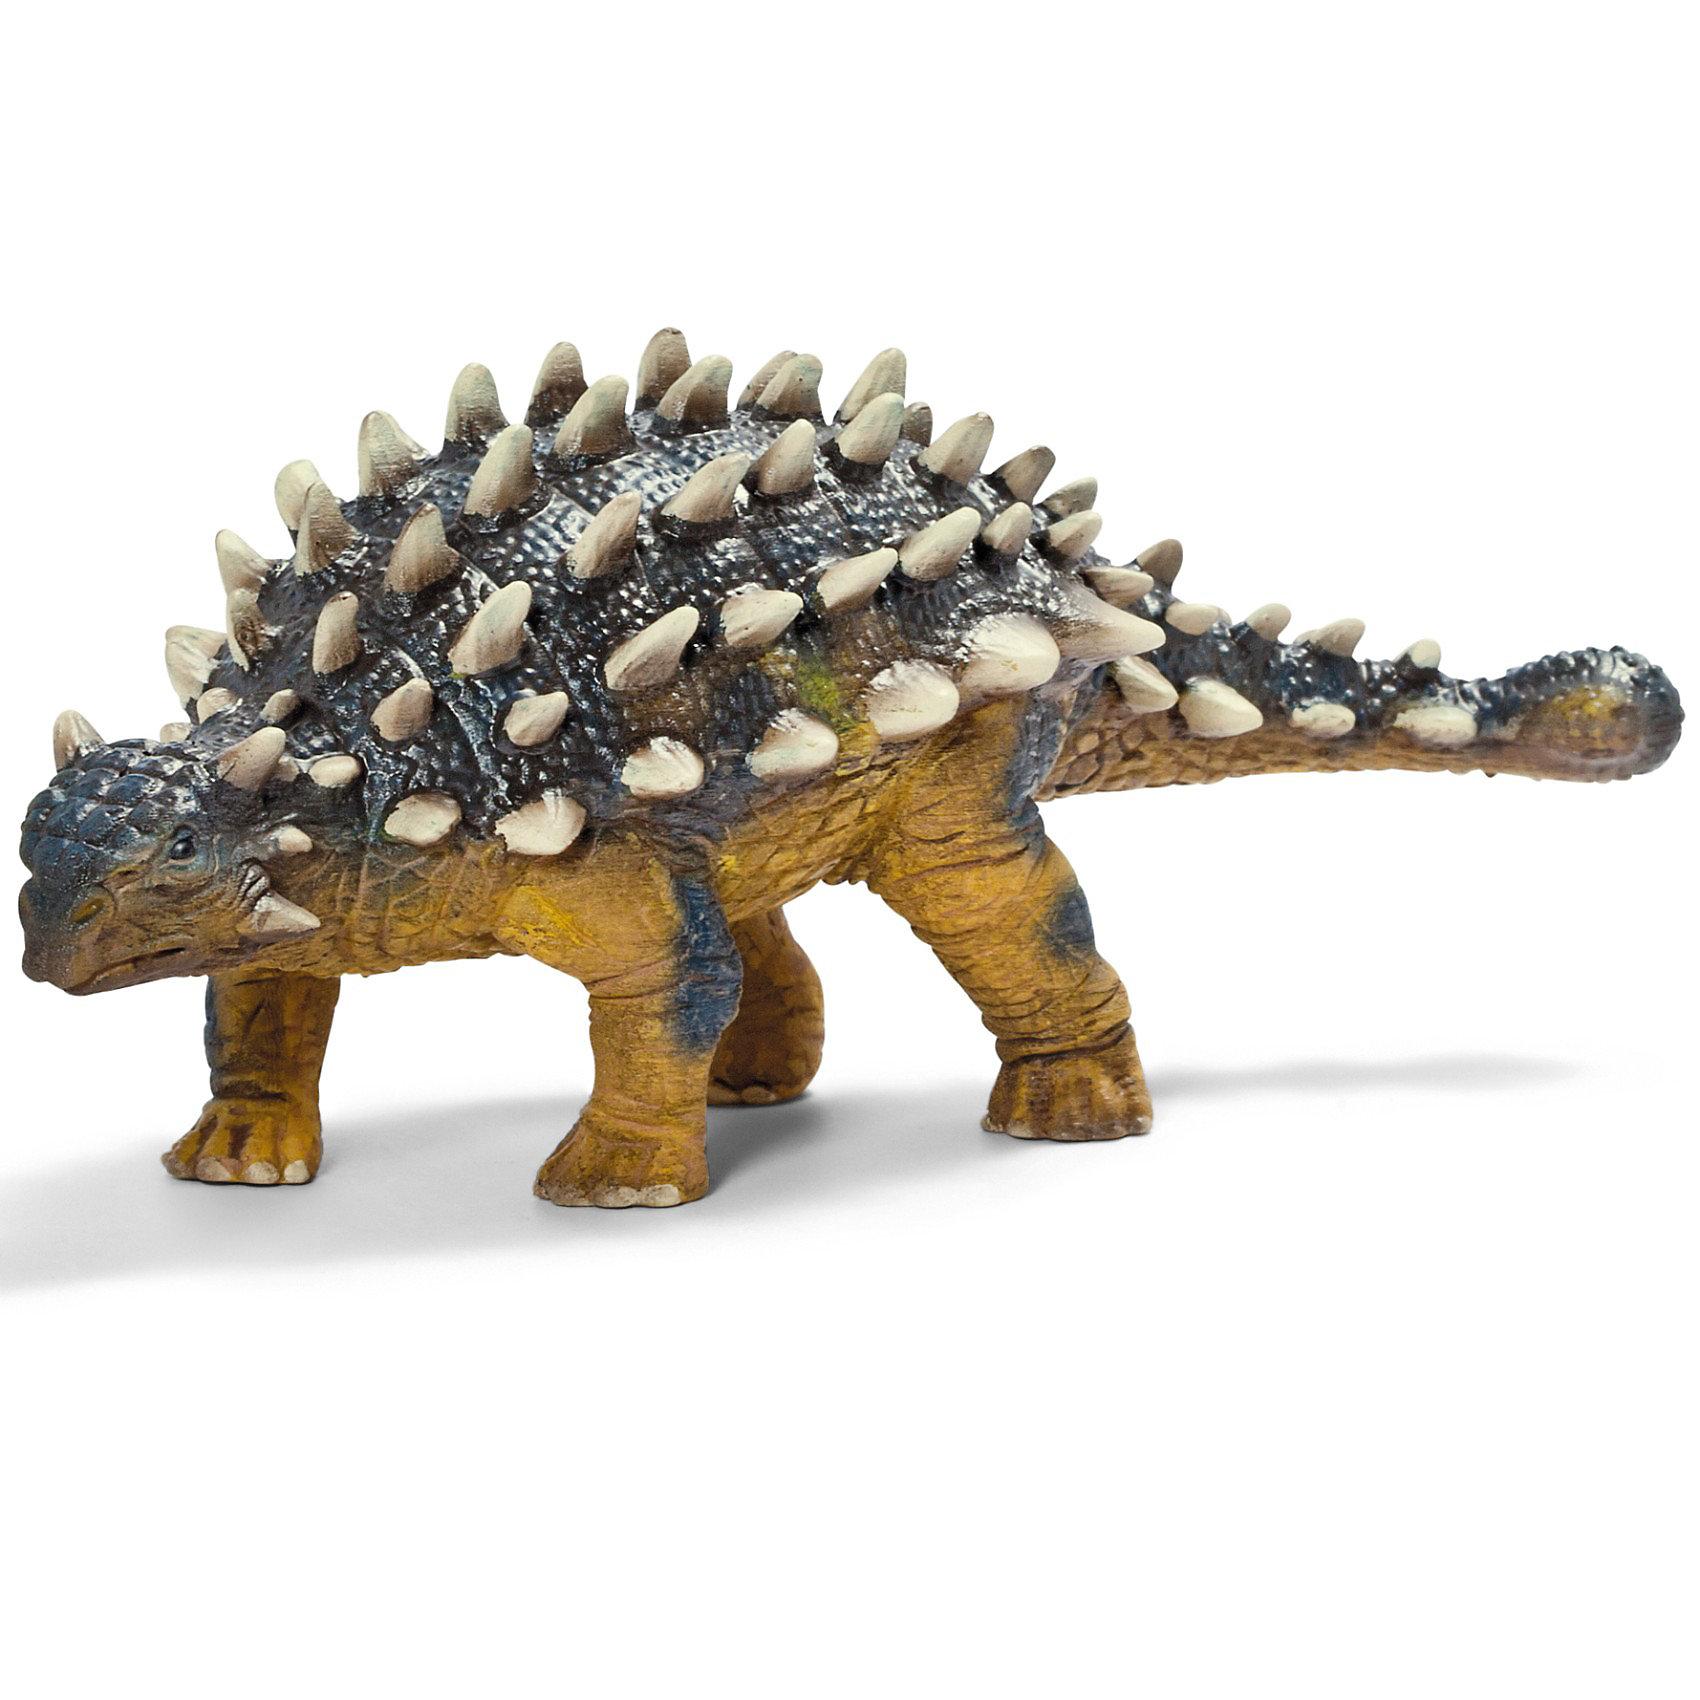 Сайшаня, SchleichСаишания — достойный представитель доисторических животных. Внешне этот динозавр кажется небольшим. Но его защитные приспособления вызывают восхищения. На голове, туловище и хвосте Саишании выступают достаточно острые шипы белого цвета. К тому же, на хвосте Саишания имеет некоторое подобие булавы, удары которой сразят наповал любого врага. Эту фигурку должен иметь каждый в своей коллекции динозавров.<br><br>Дополнительная информация:<br><br>Материал: каучуковый пластик<br>Размеры: 17,0 ? 6,0 ? 6,5 см<br><br>Фигурку Сайшаня, Schleich (Шляйх) можно купить в нашем магазине.<br><br>Ширина мм: 179<br>Глубина мм: 60<br>Высота мм: 59<br>Вес г: 141<br>Возраст от месяцев: 36<br>Возраст до месяцев: 96<br>Пол: Мужской<br>Возраст: Детский<br>SKU: 2445902